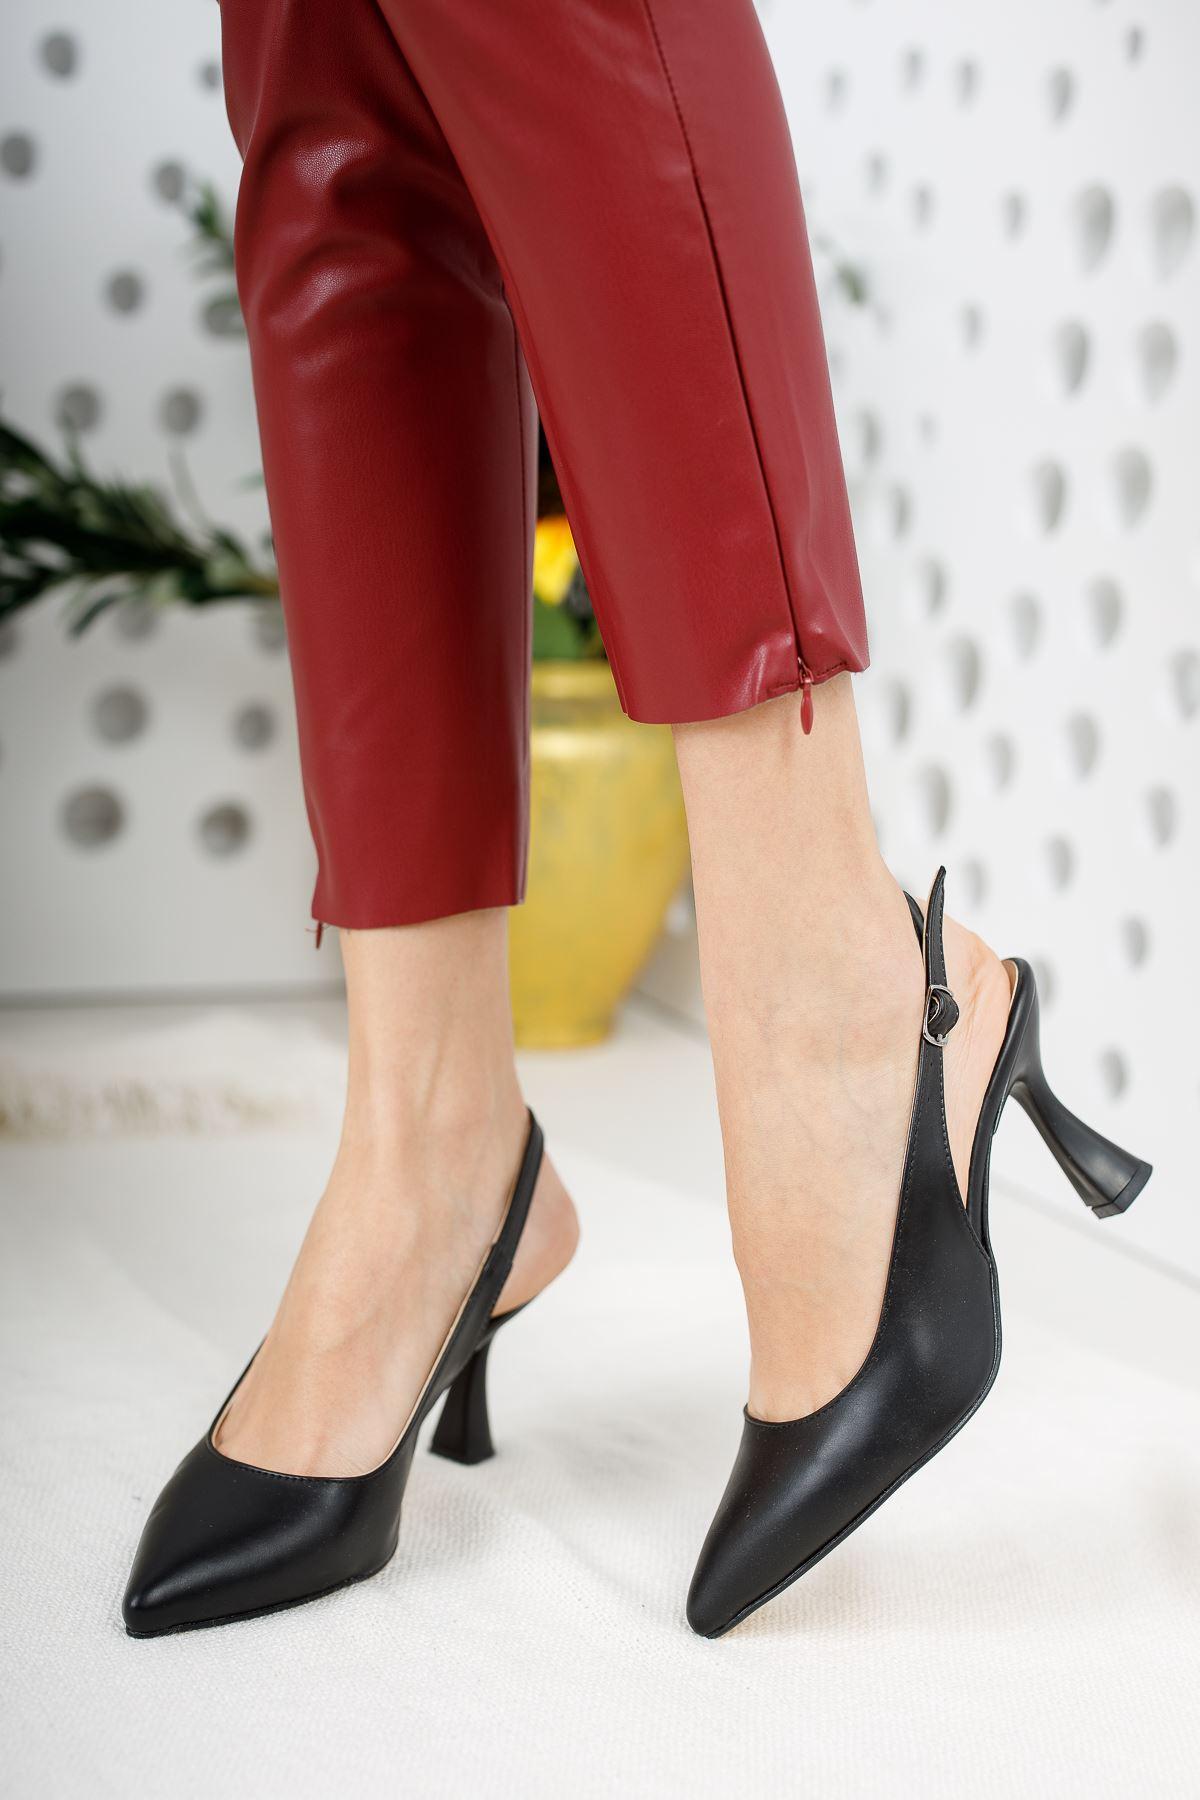 Kadın Ukes Kemer Detaylı Sivri Burun Mat Deri Siyah Topuklu Ayakkabı